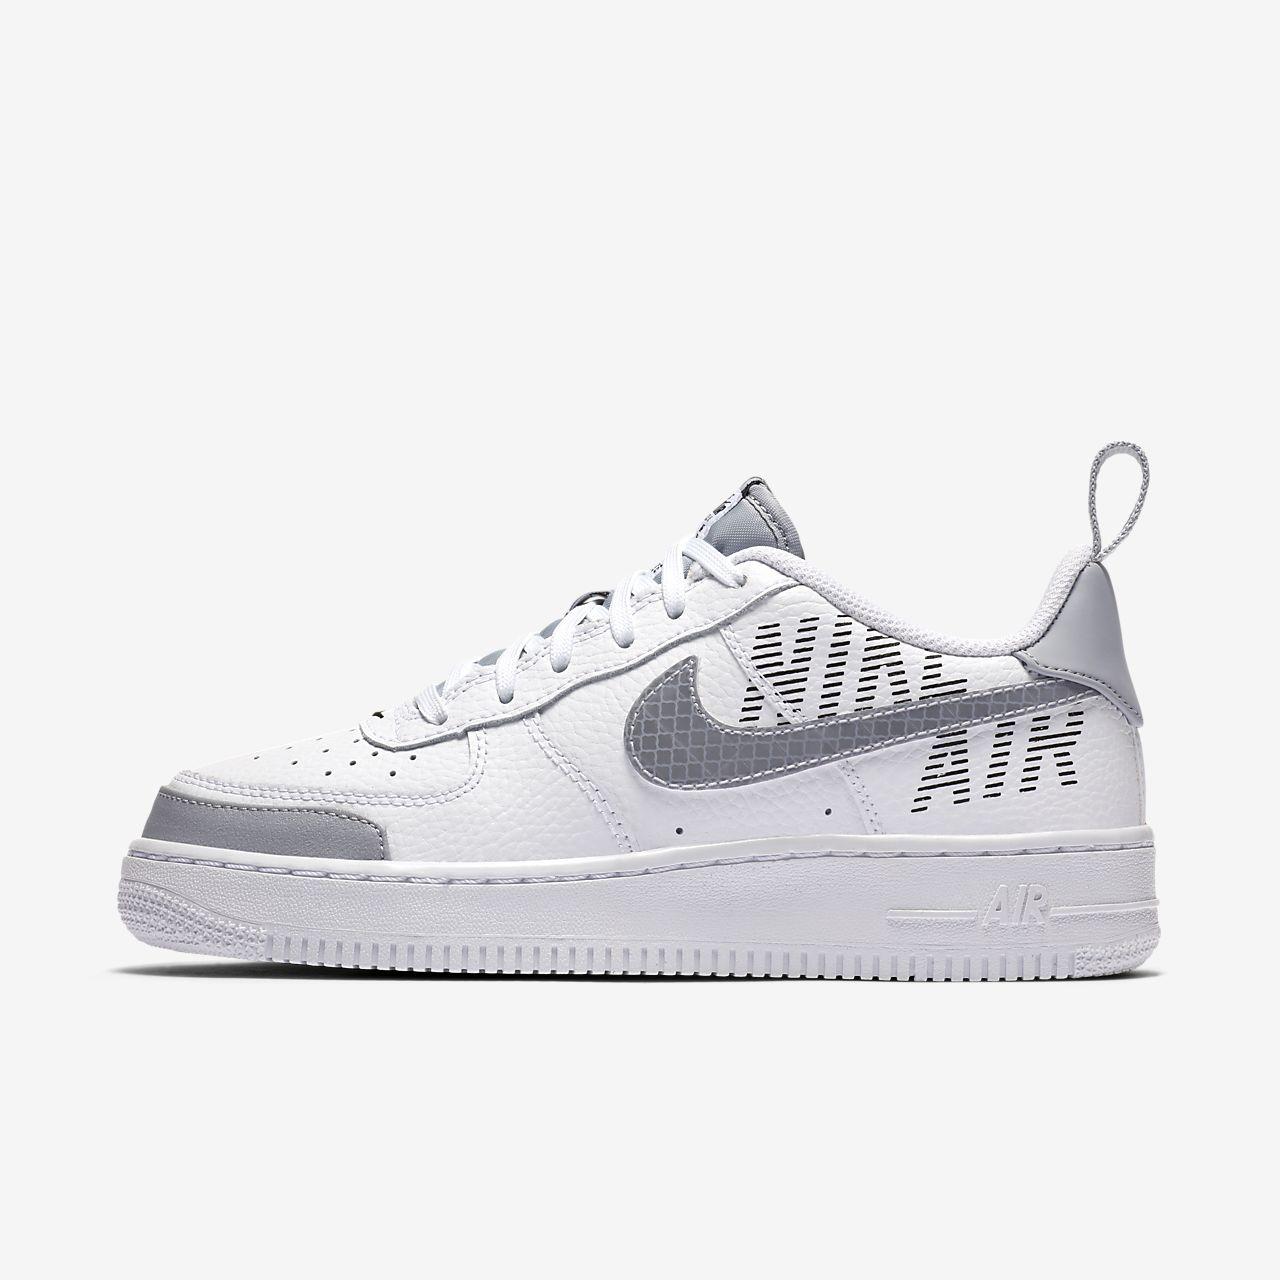 Παπούτσι Nike Air Force 1 LV8 2 για μεγάλα παιδιά